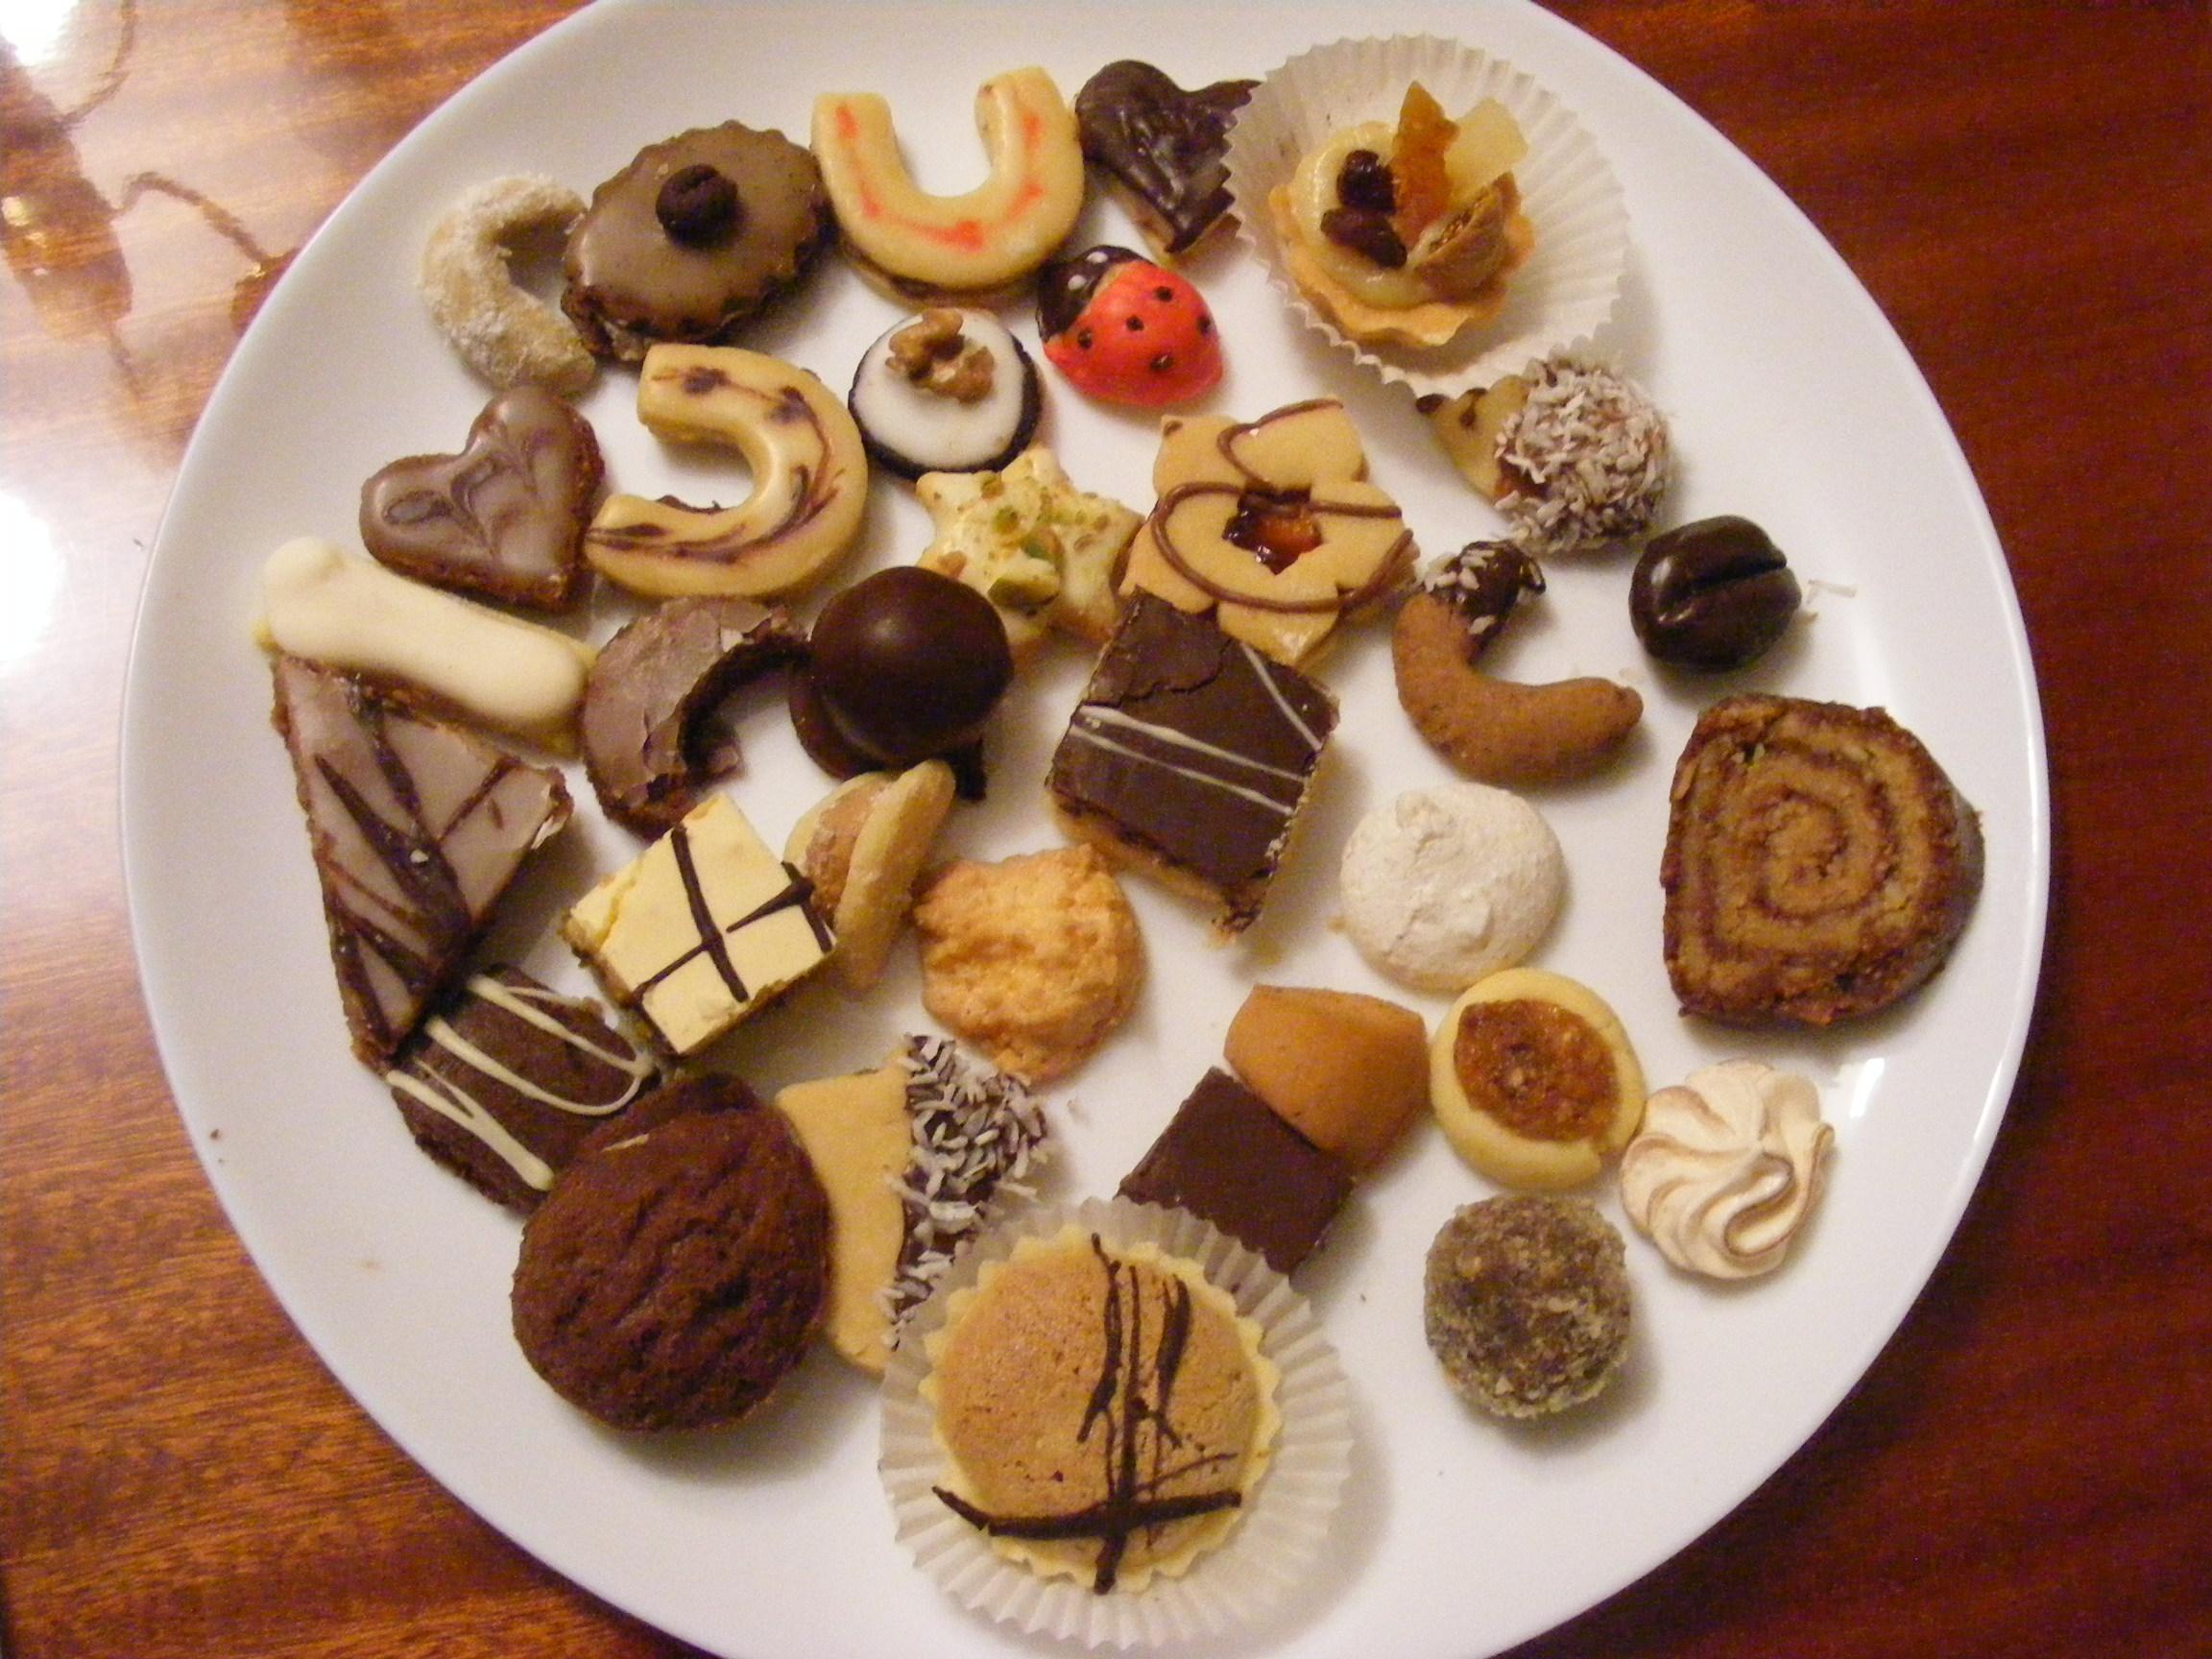 Ciasteczka | Lidia piecze